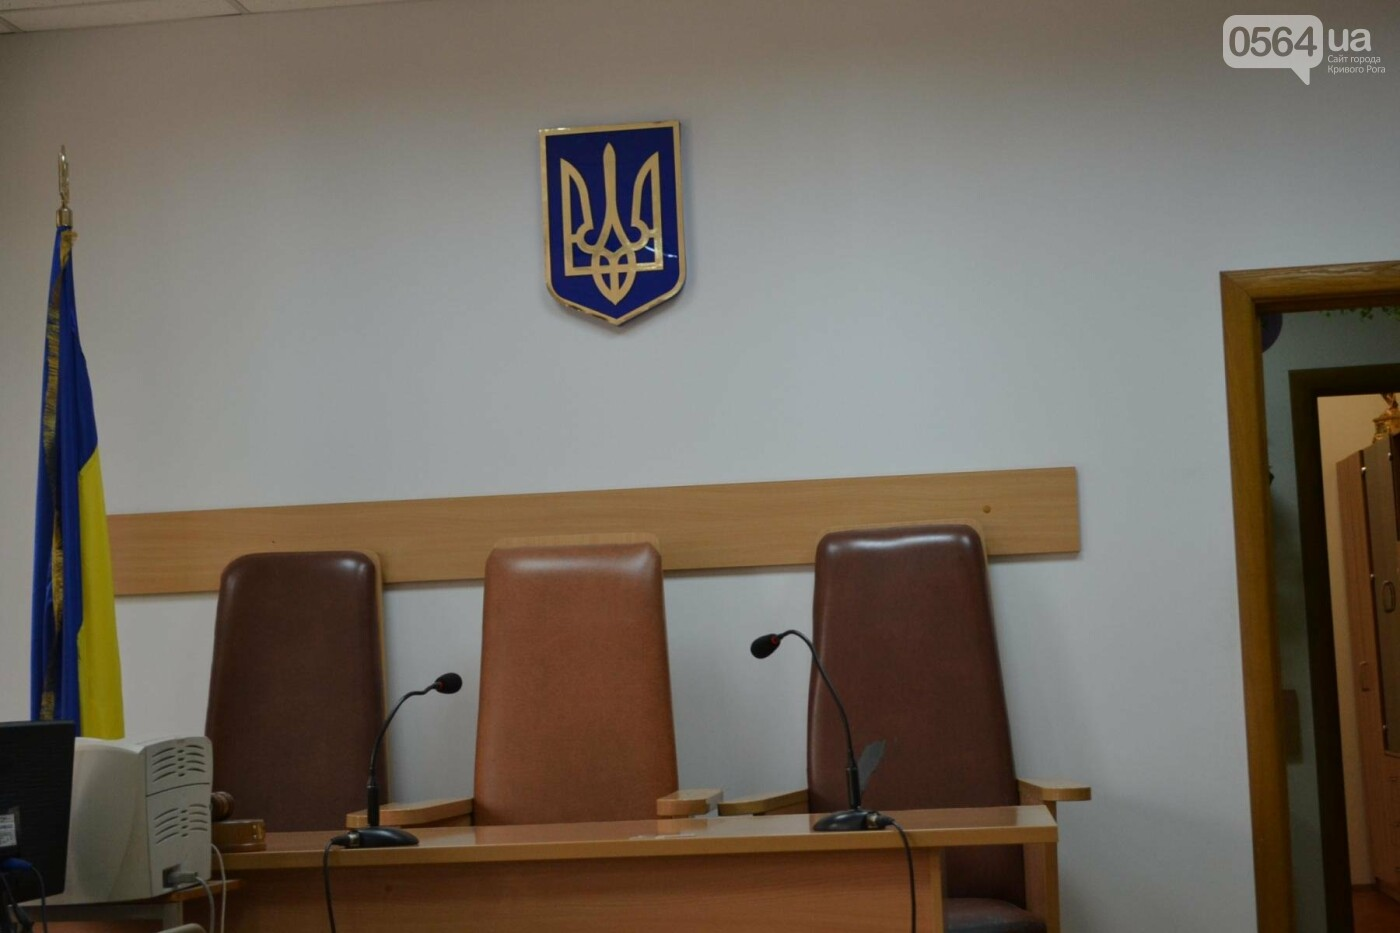 """Свидетель по делу лидера """"Автомайдана"""" в Кривом Роге заявил, что видел """"облако"""", - ФОТО, фото-7"""